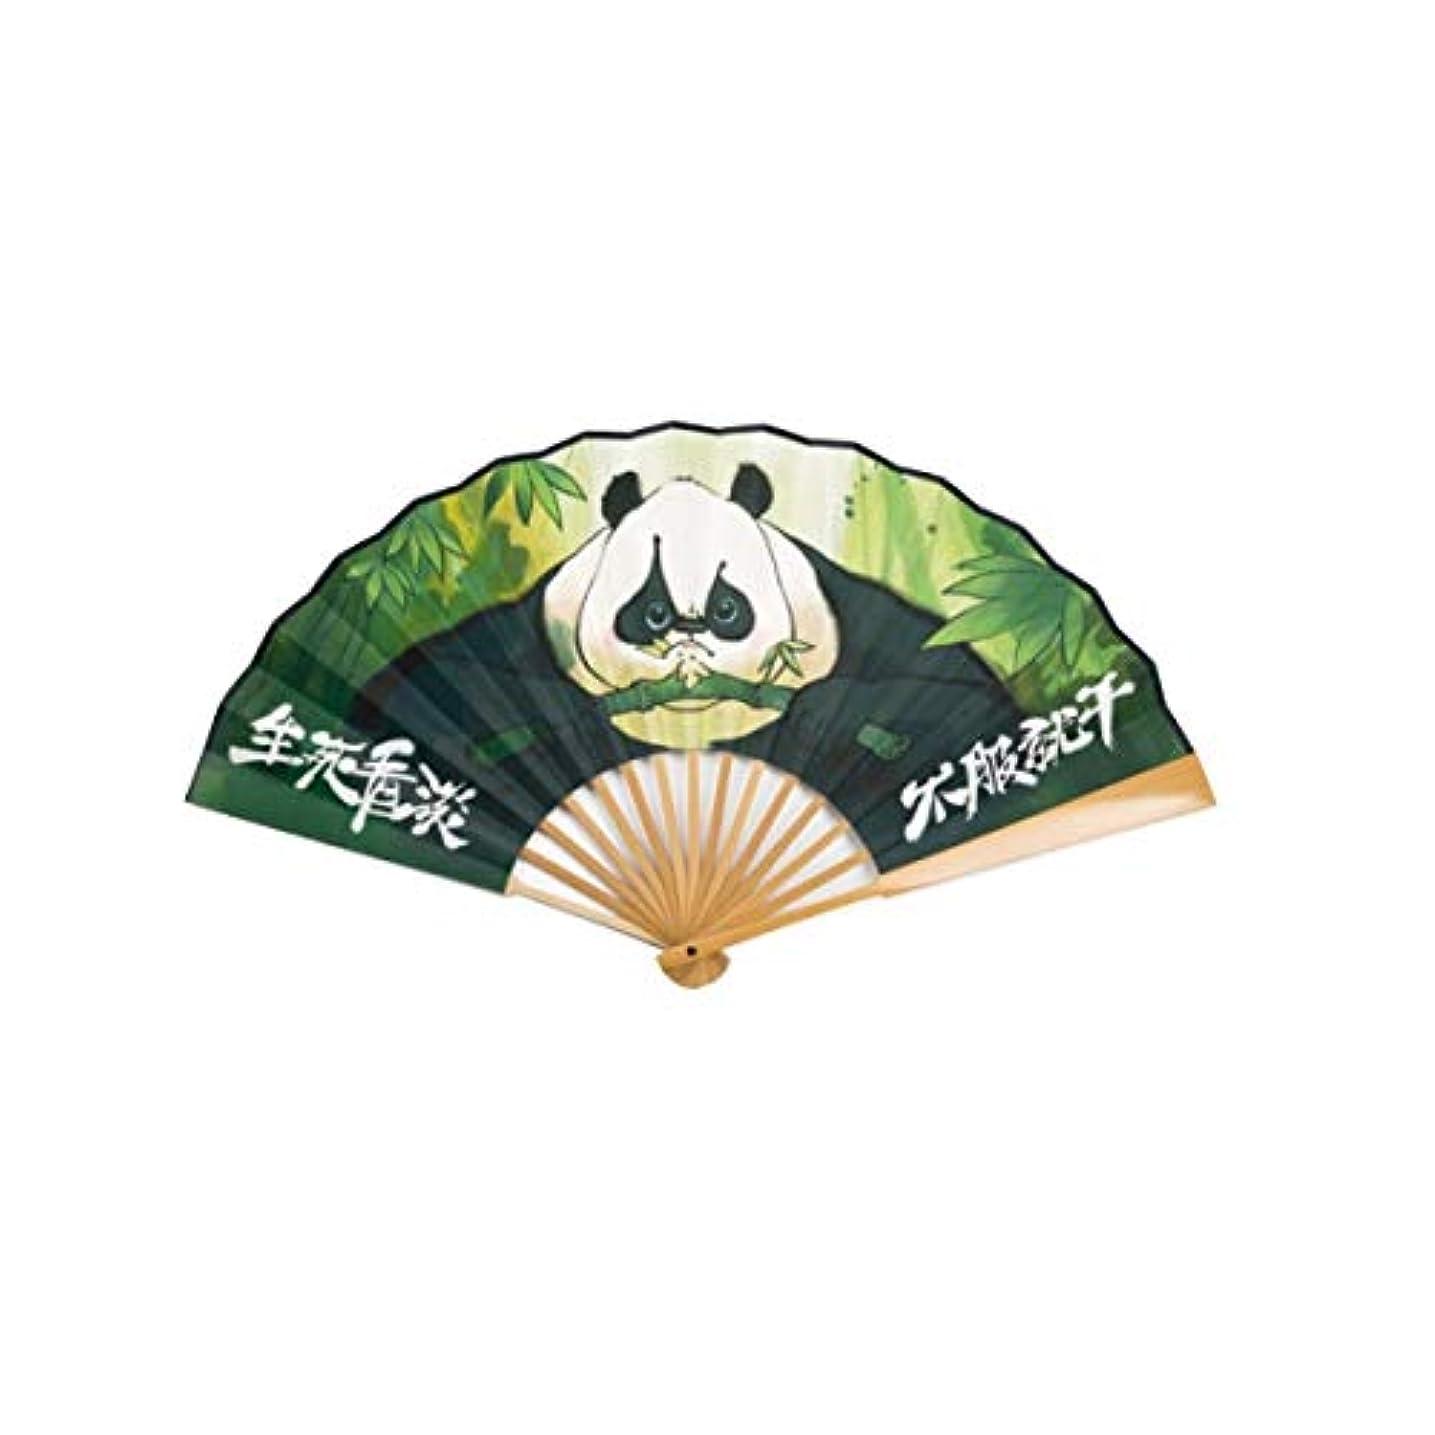 苦情文句発行割合KATH アート扇子、手作り中国の扇子、扇子、クリエイティブギフト、紙の扇子